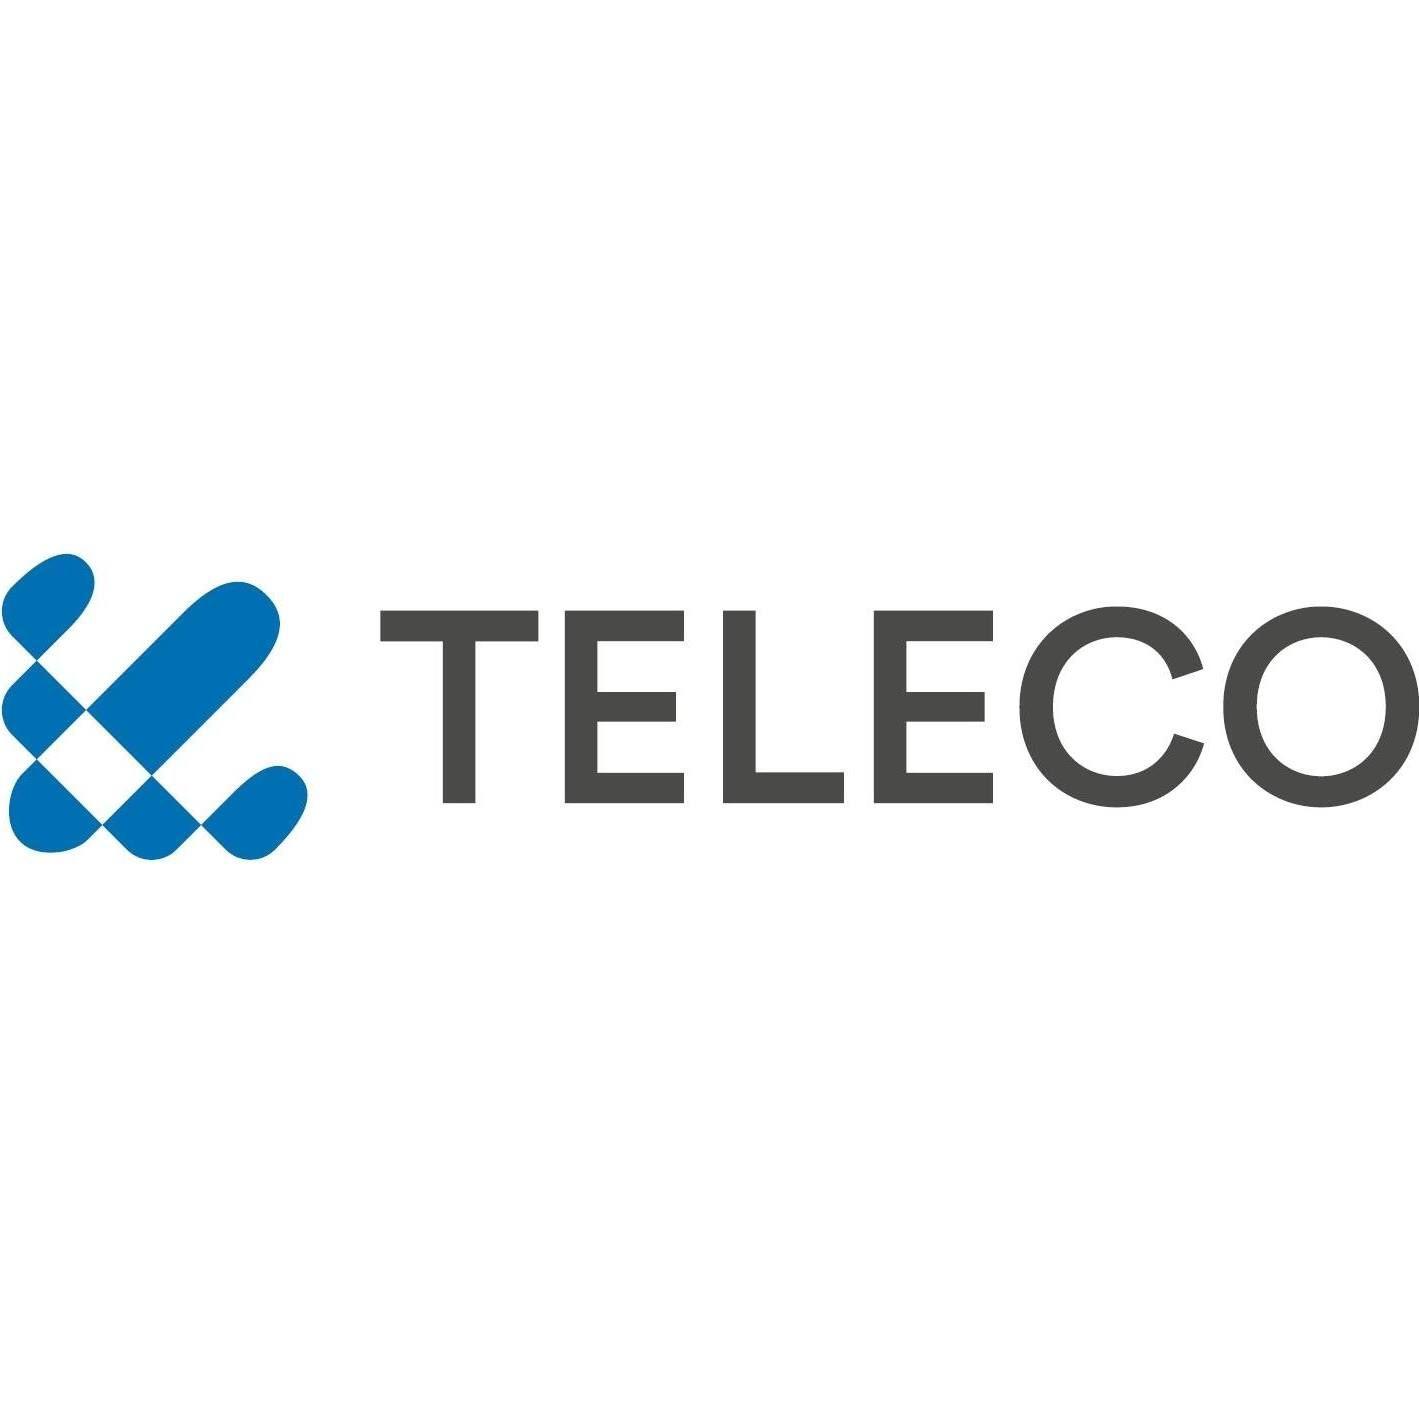 Teleco Automation